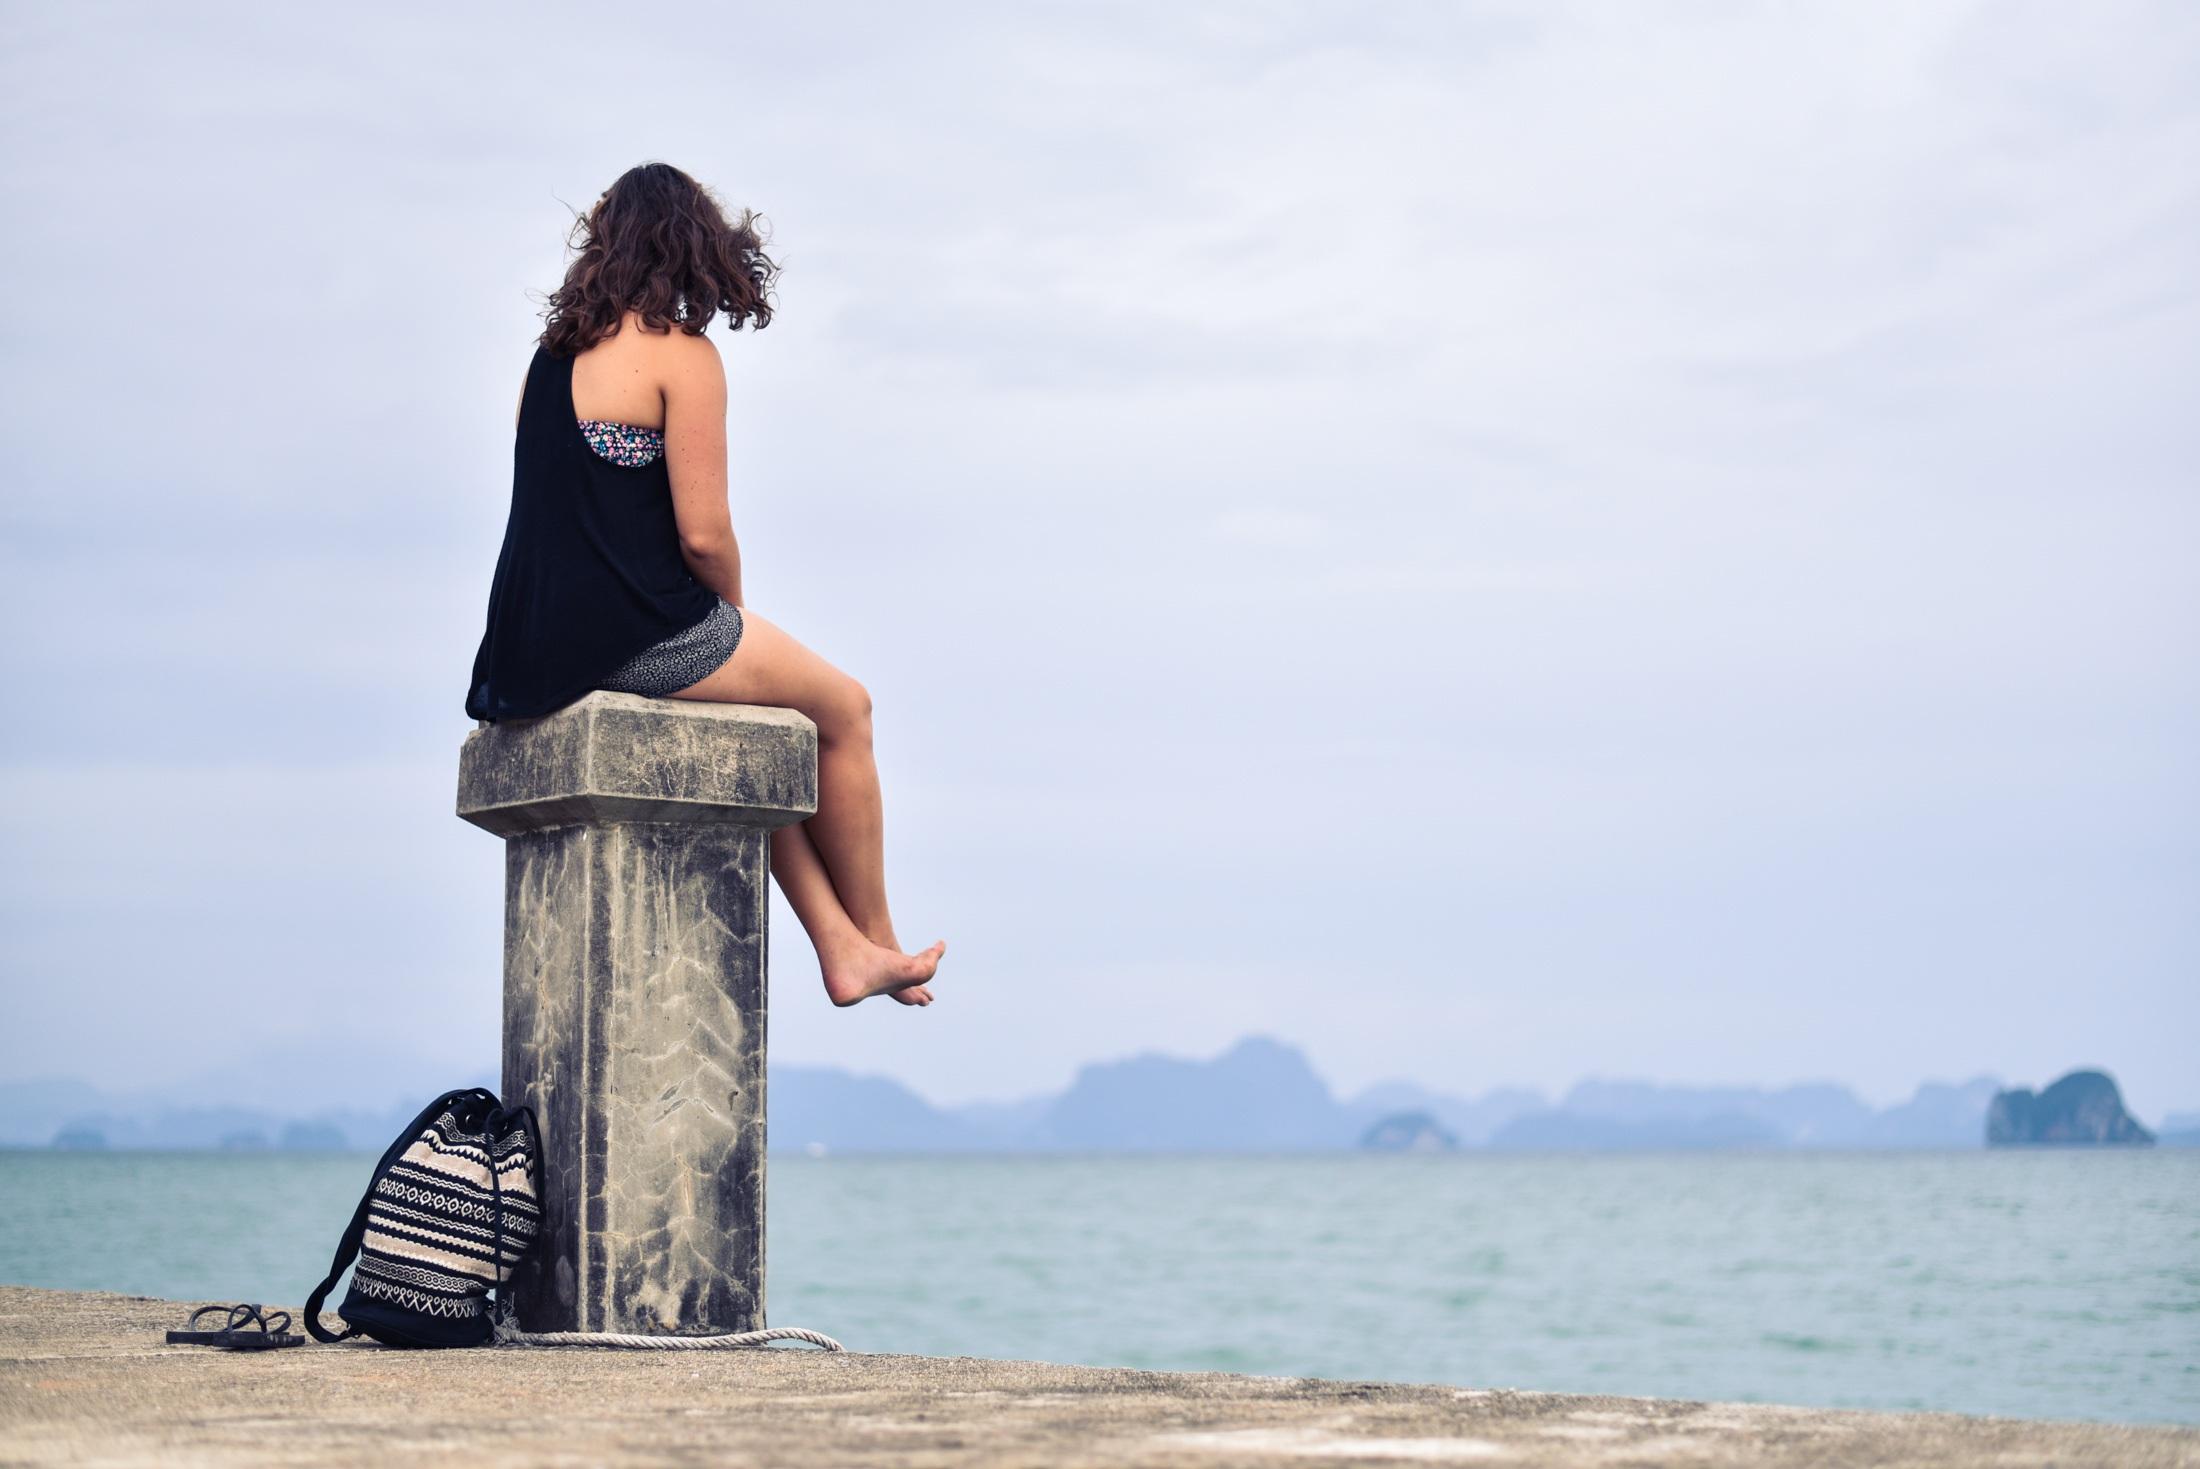 odleglosc morze kobieta milosc